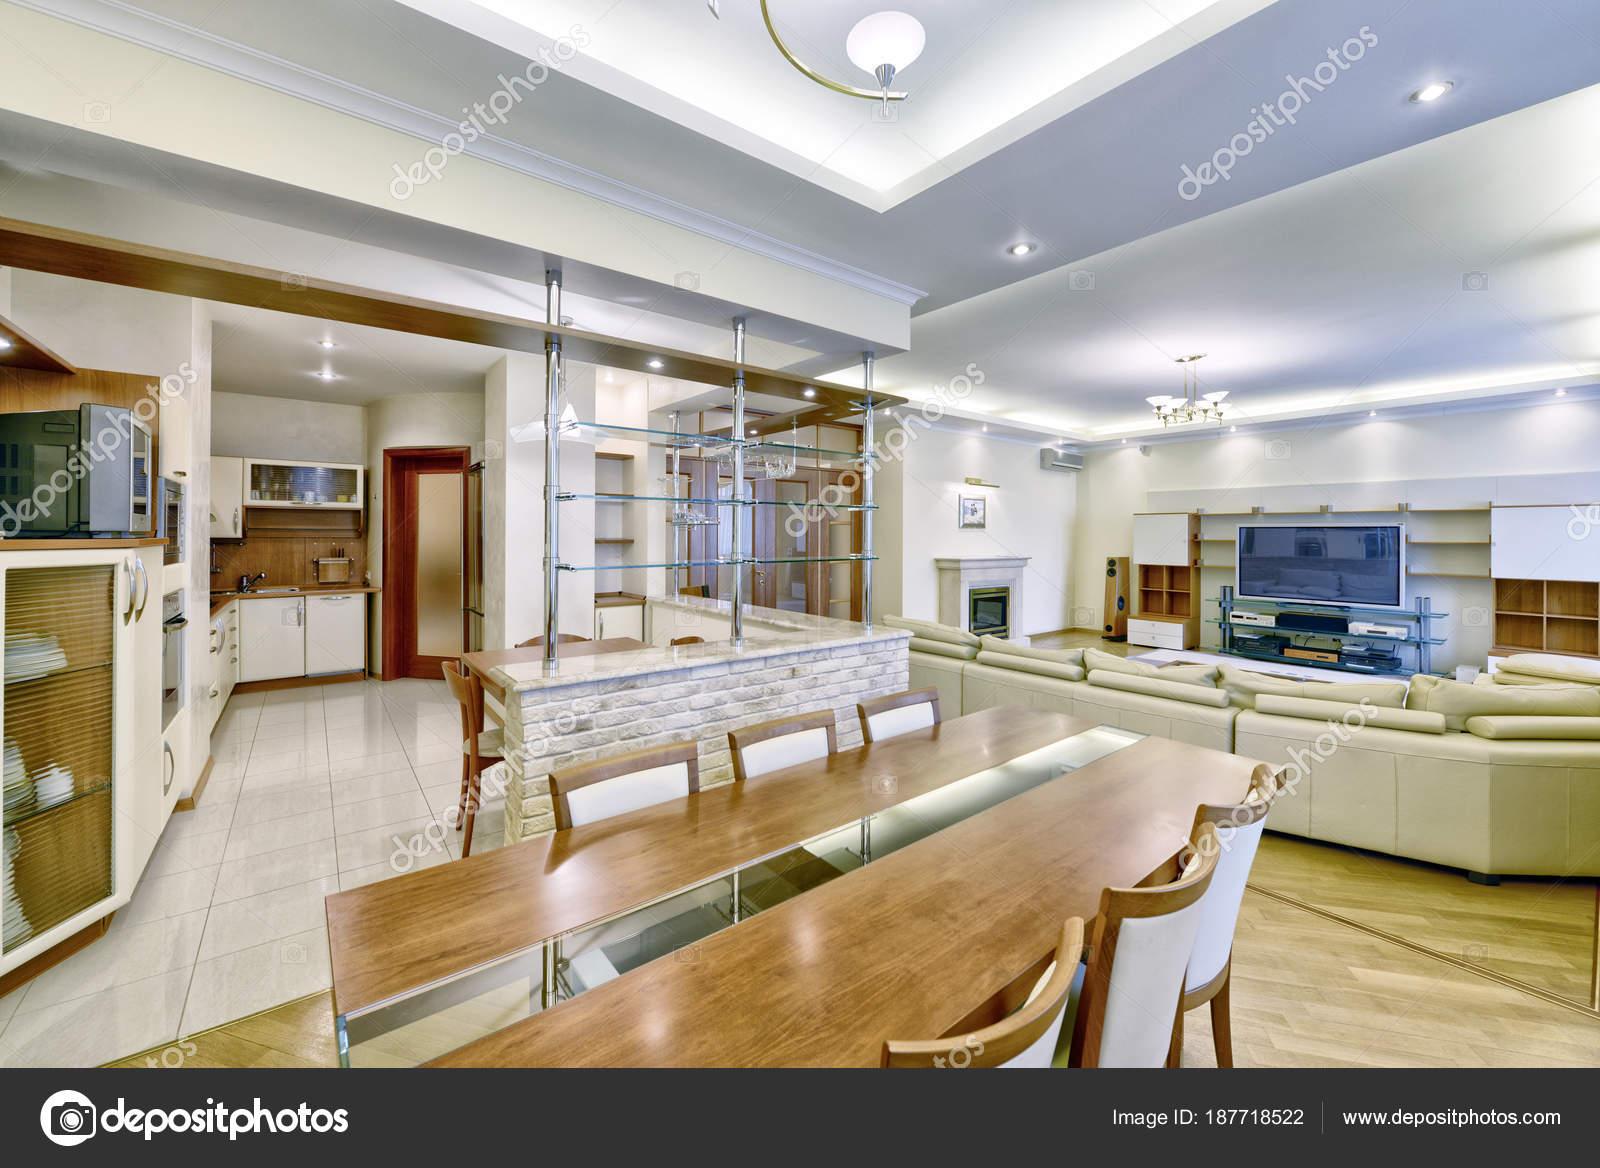 Interni del salotto stile classico una casa moderna foto for Salotto casa moderna